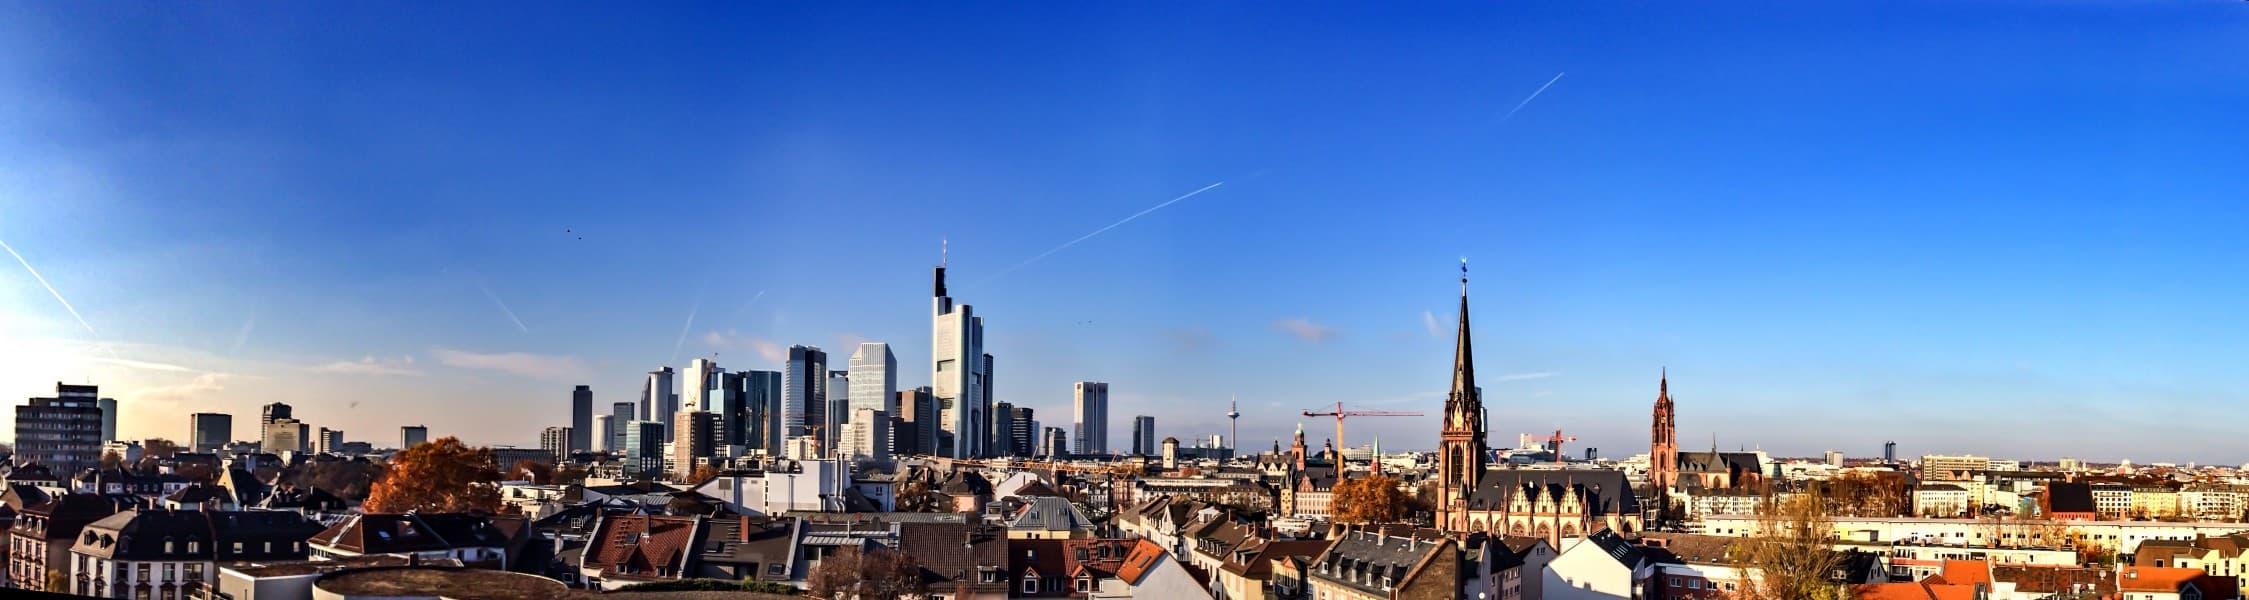 Medienarbeitsrecht Anwalt Kanzlei WeSaveYourCopyrights Rechtsanwaltsgesellschaft mbH Frankfurt am Main Skyline